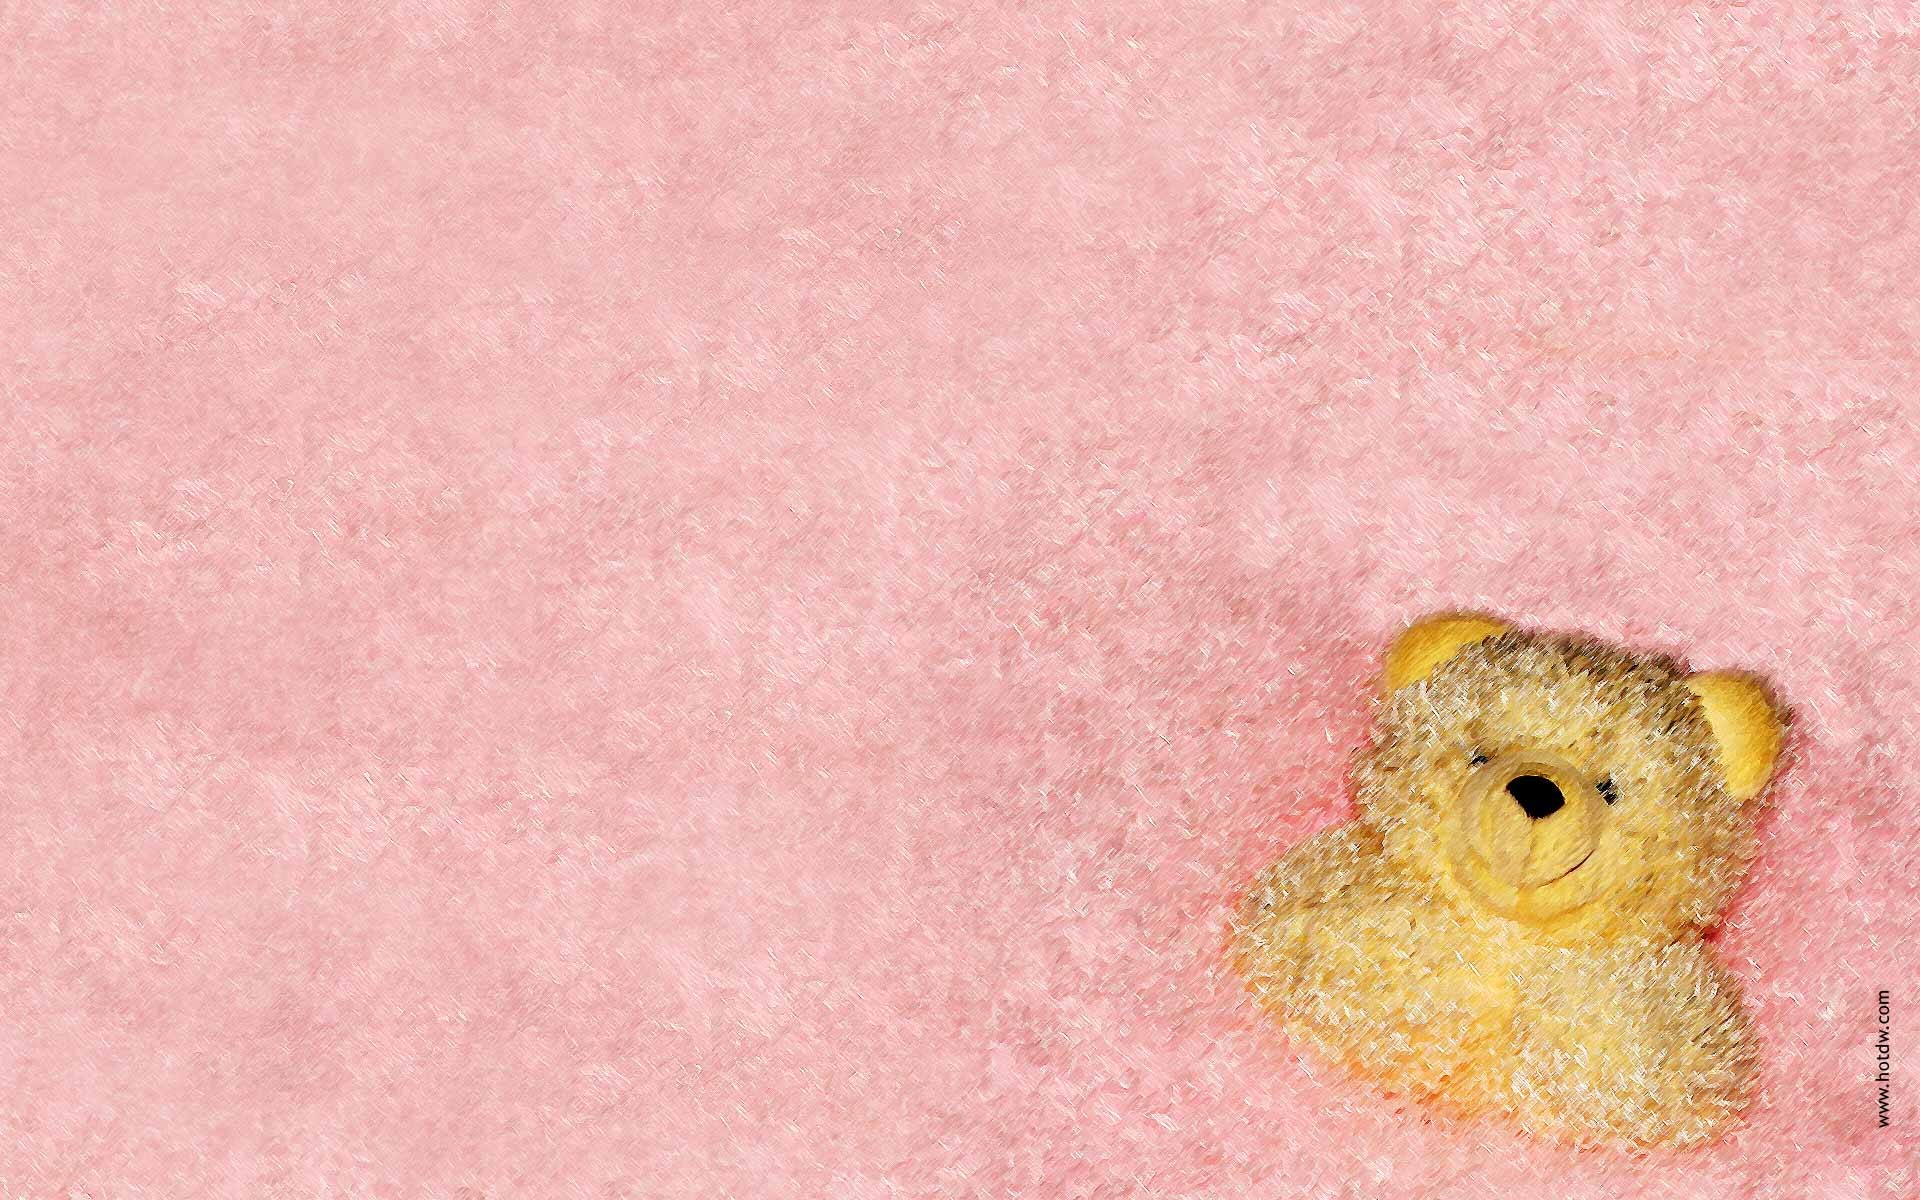 20+ Full Size Cute Teddy Bears HD Wallpapers.